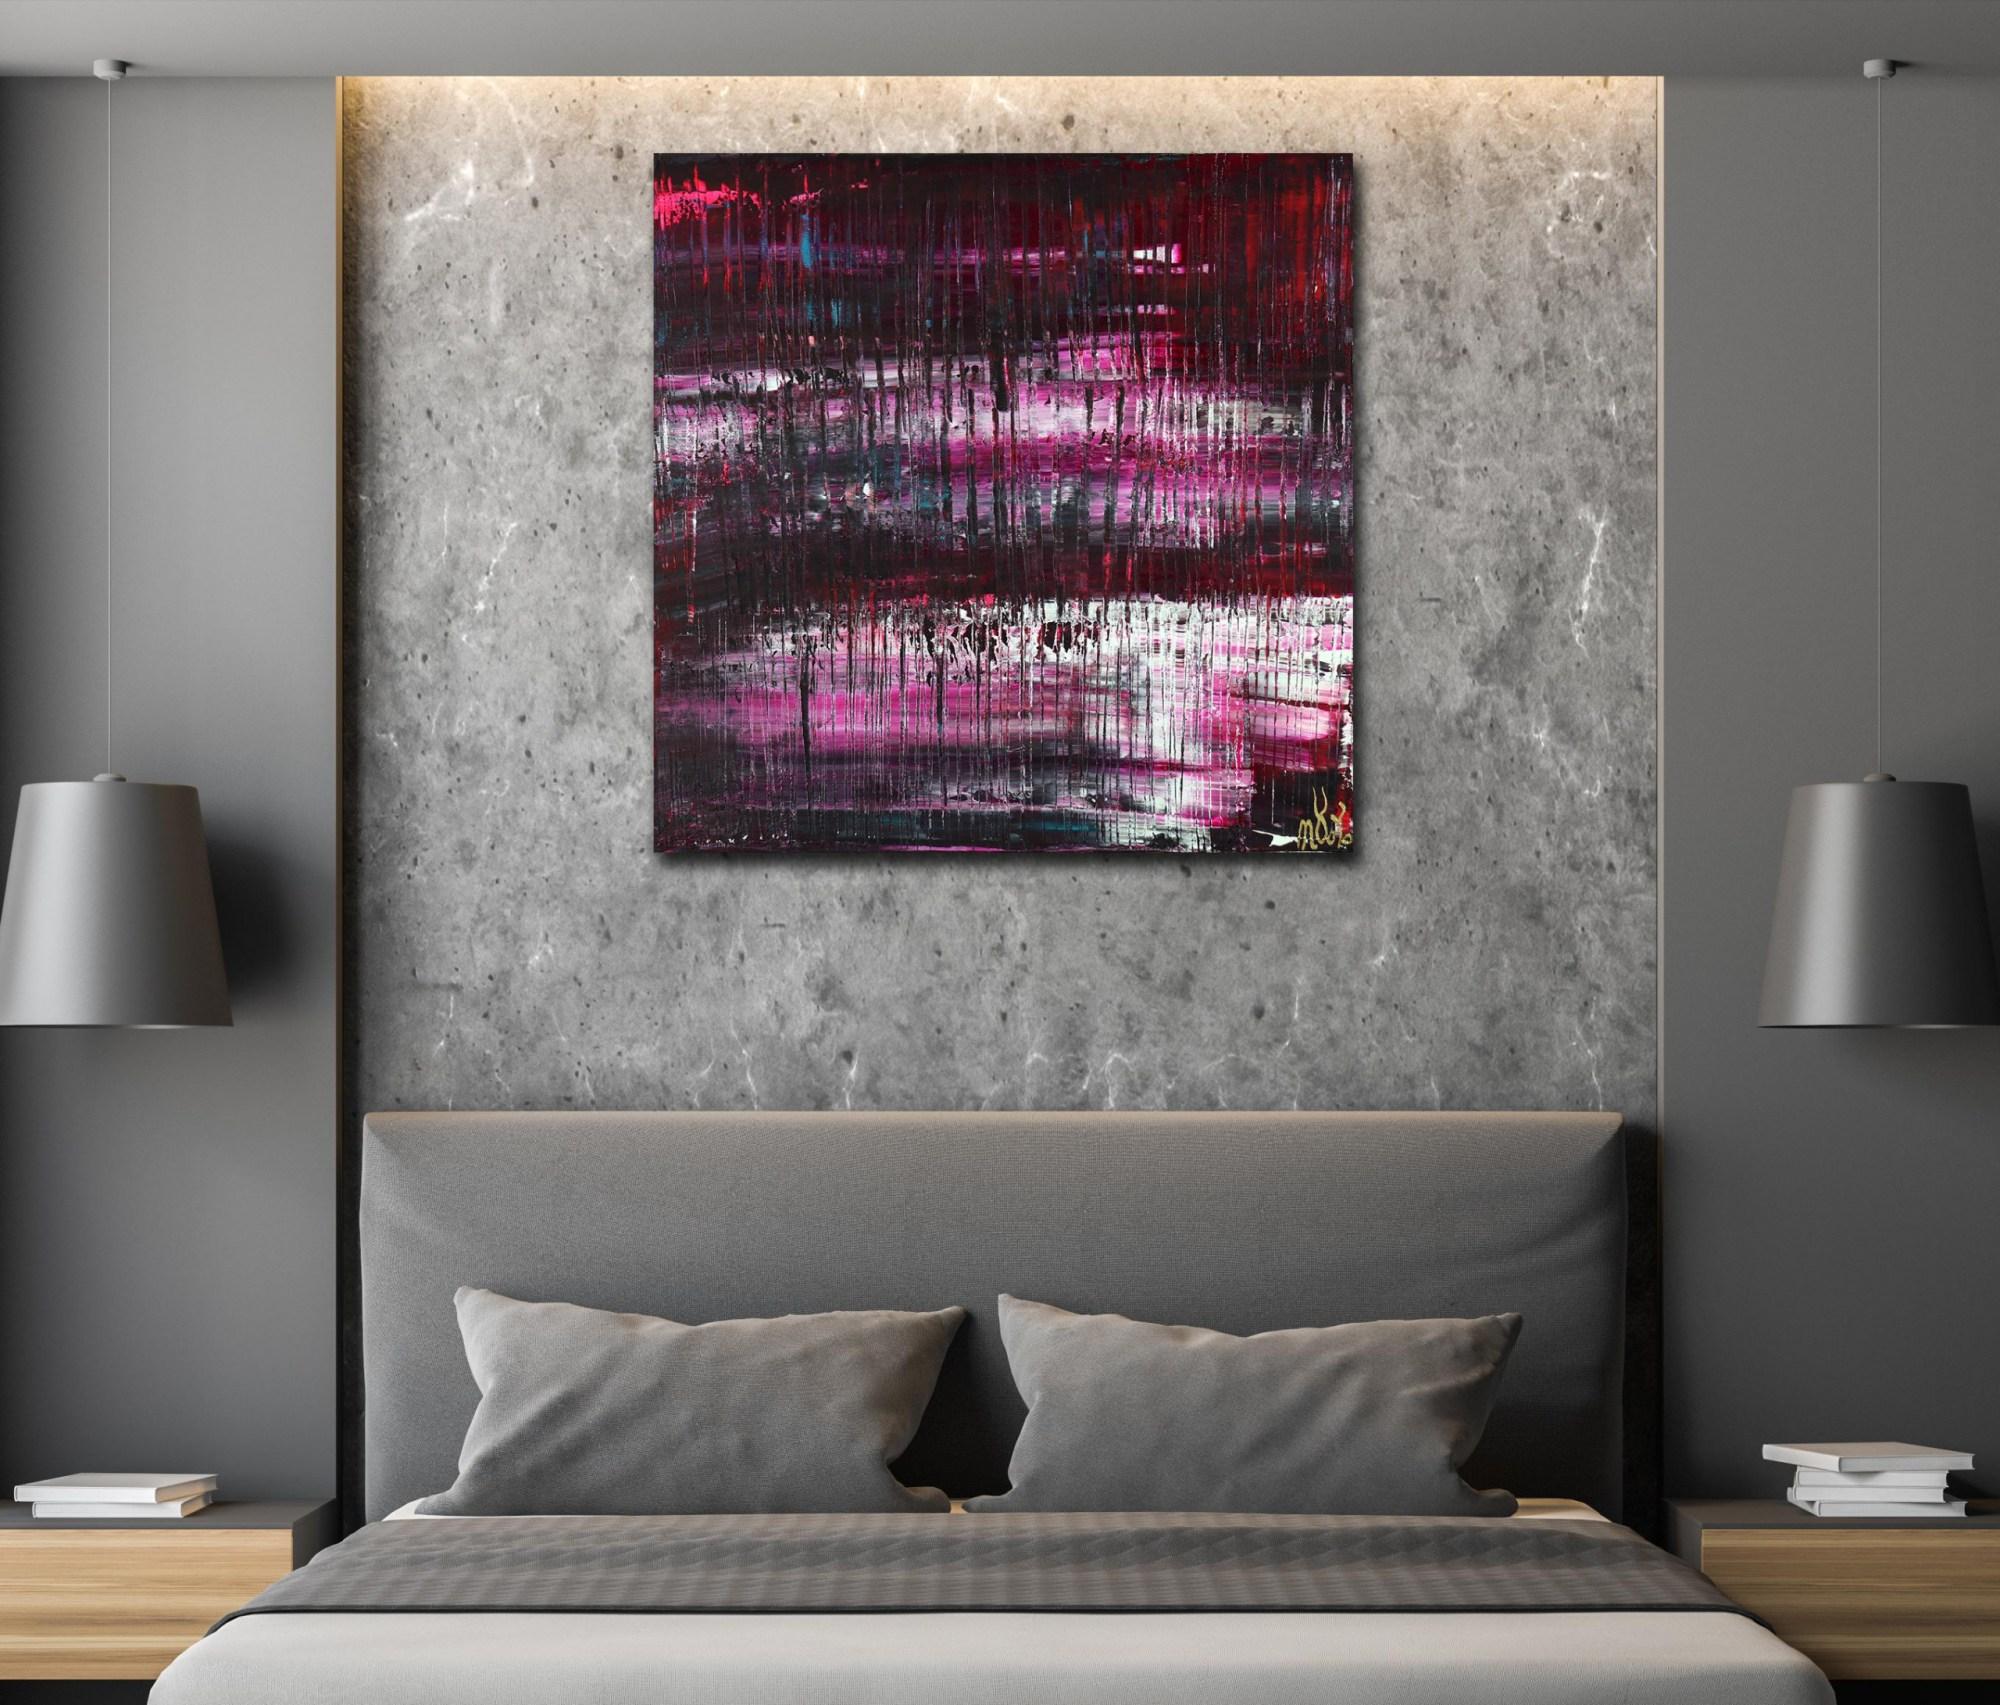 A Color Equation 9 (2021) by Nestor Toro